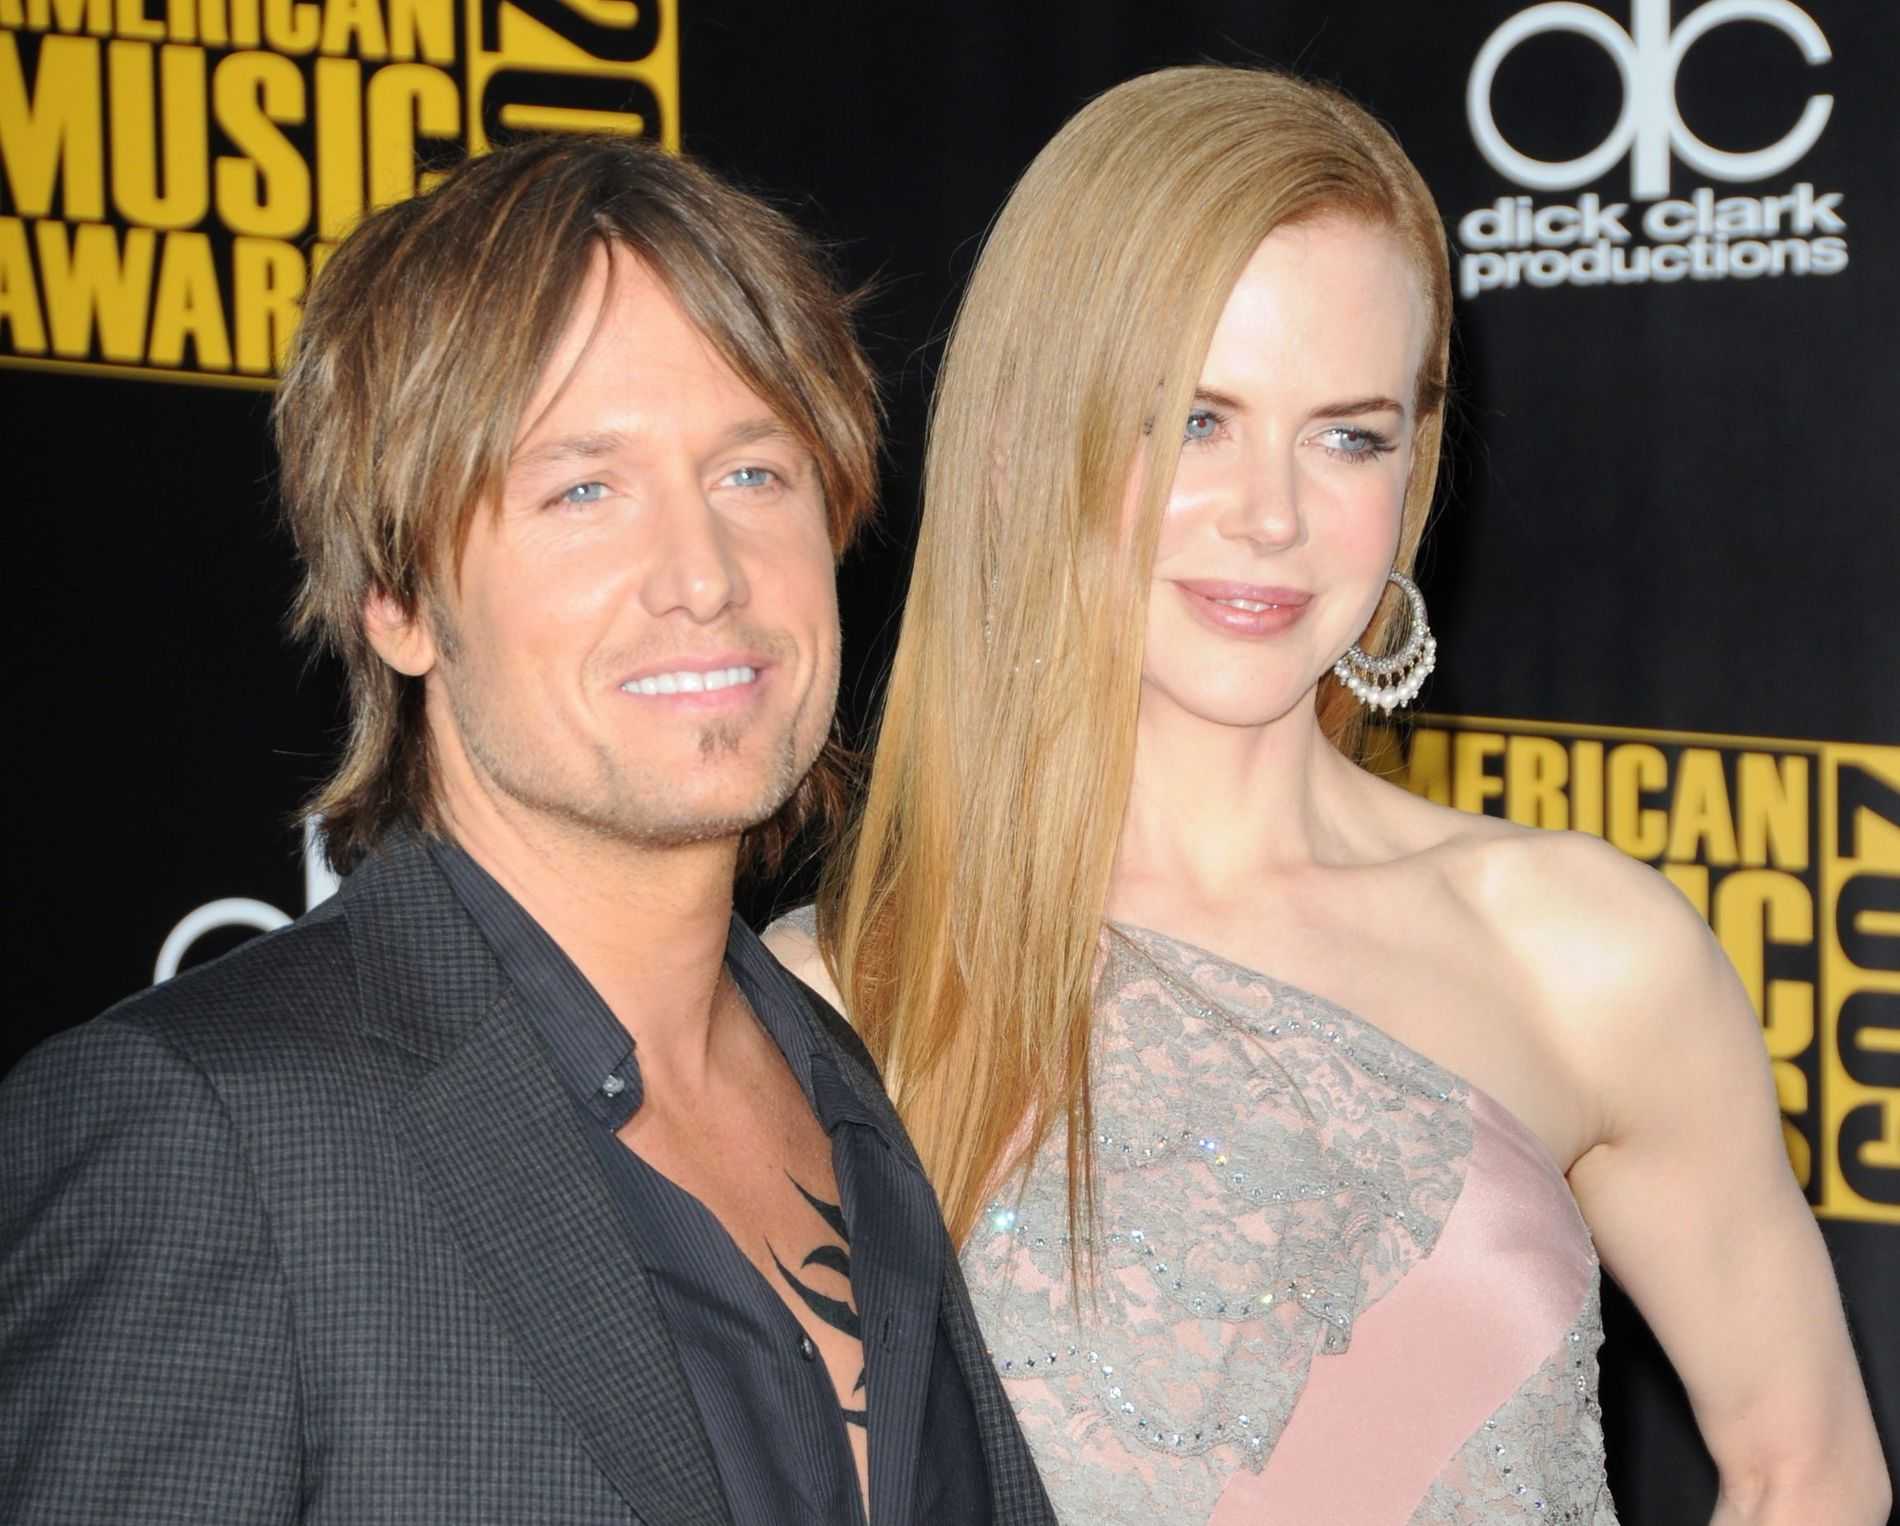 GIFT I TOLV ÅR: Keith Urban (50) og Nicole Kidman (51) fant lykken i 2005 og giftet seg året etter. Her fra American Music Awards i 2009.